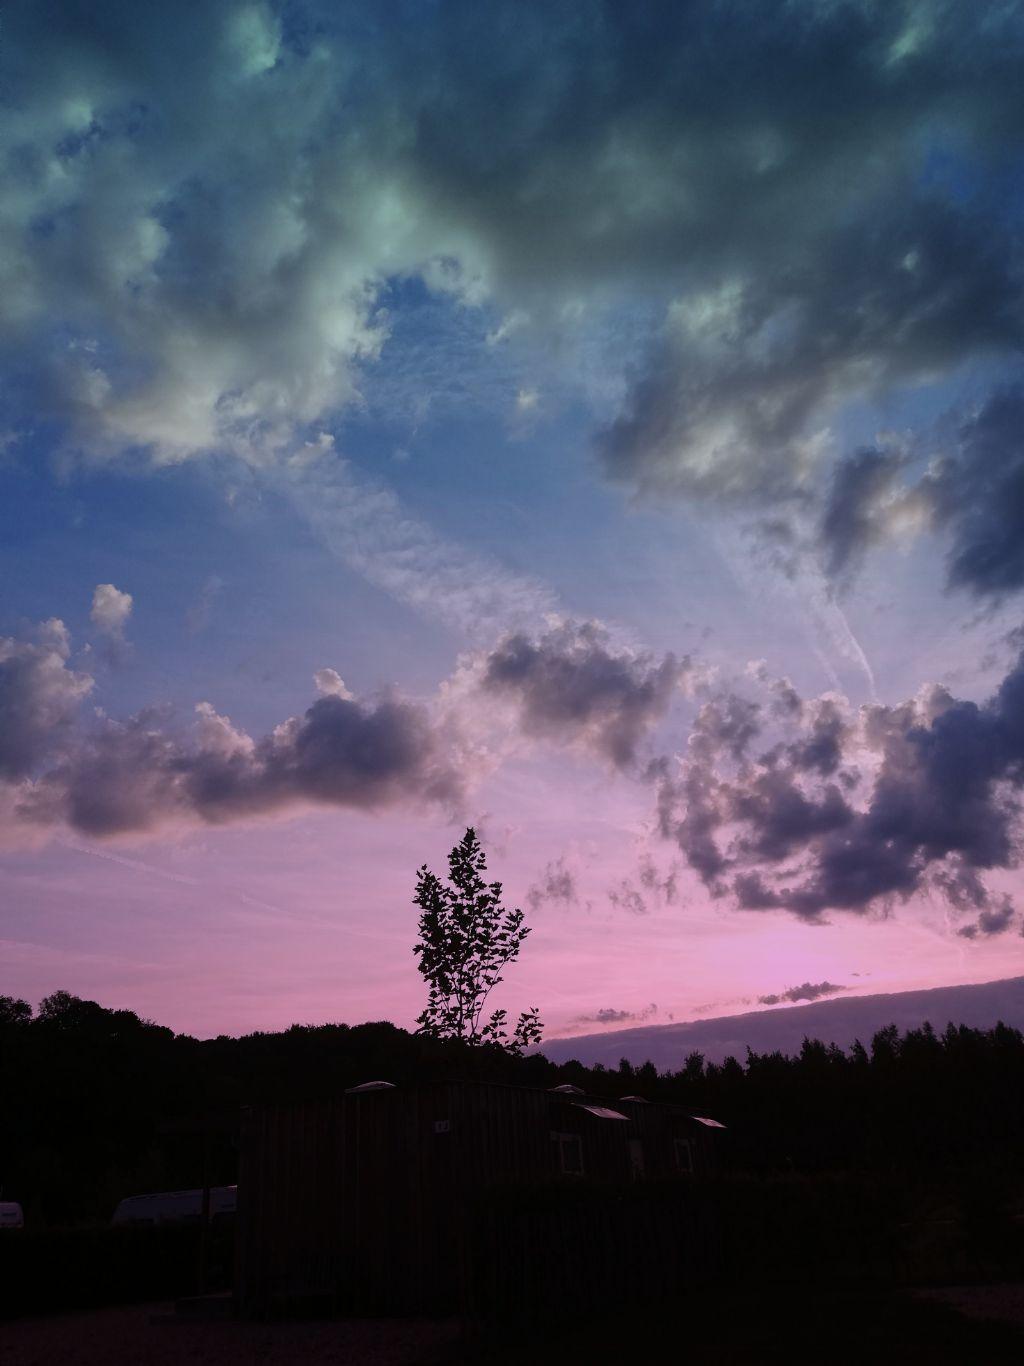 #sky #silhouette #treeline #maskeffect #gradientmask  #freetoedit